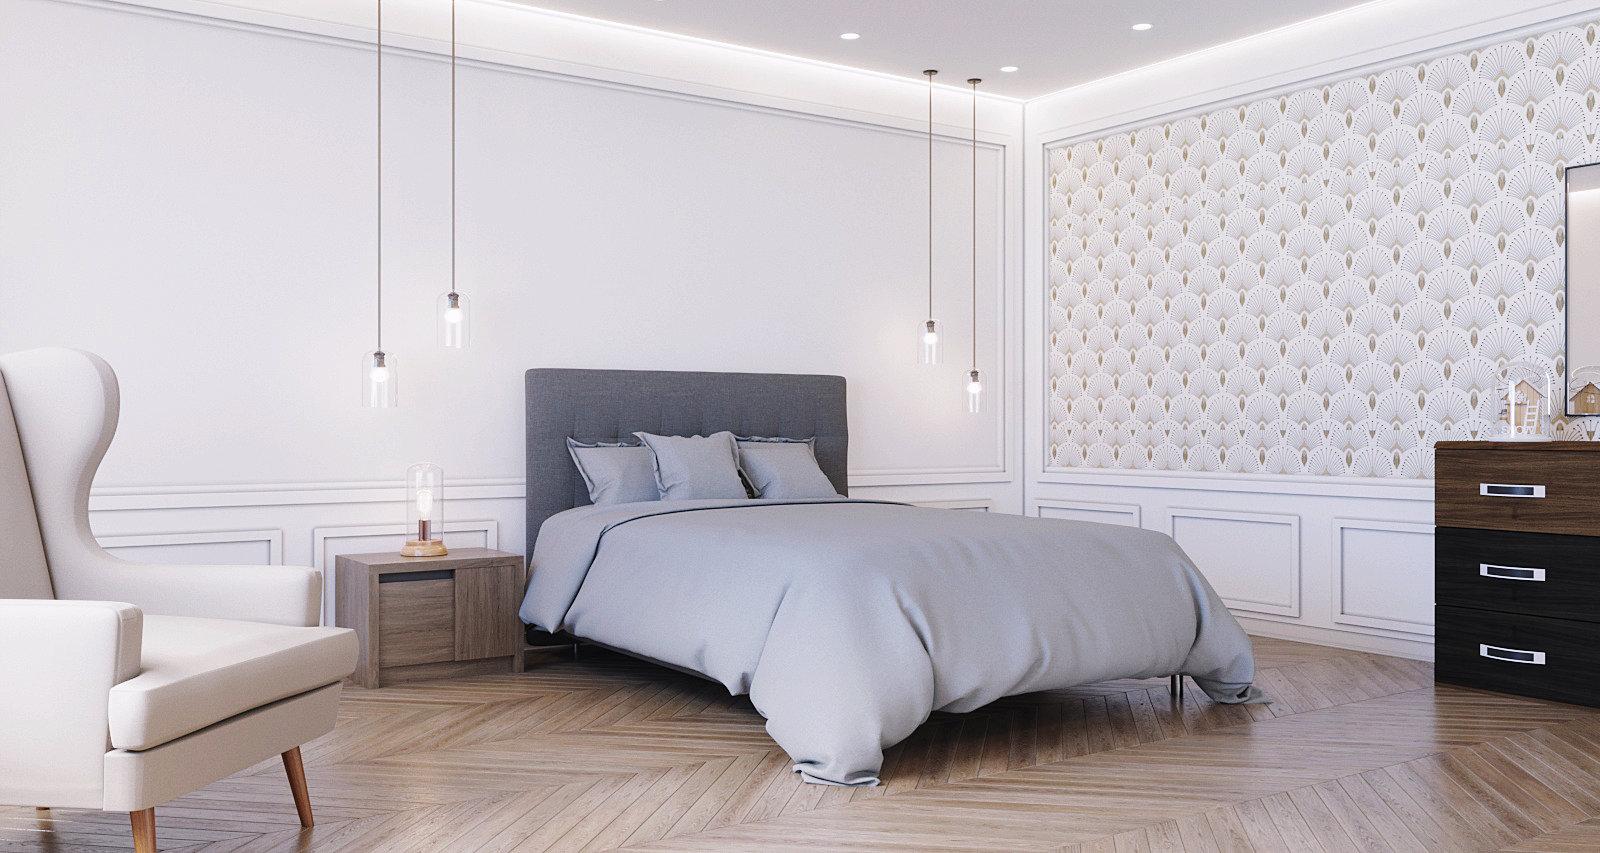 Chambre Classique Blanc Gris Beige Bois Textile Papier Peint Miroir. U203a